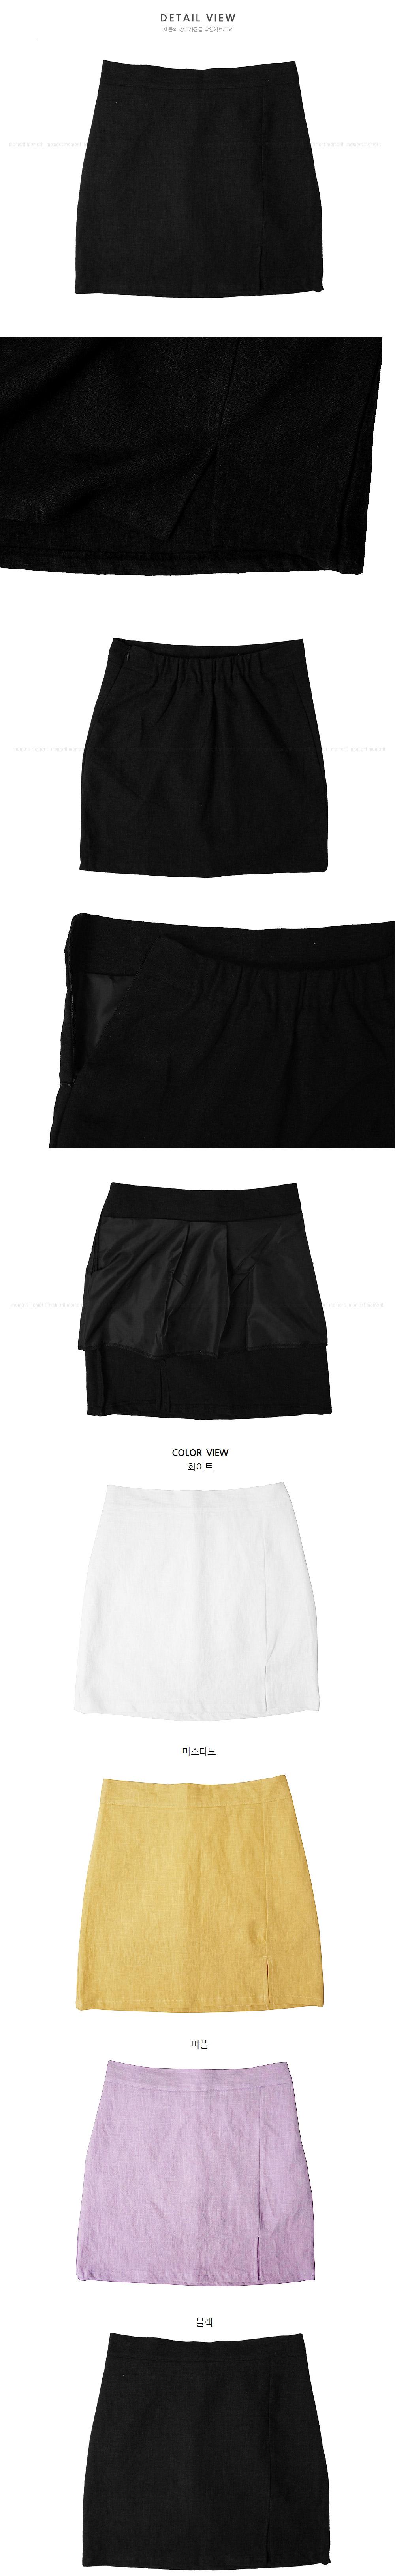 Trimmed Banding Linen Skirt